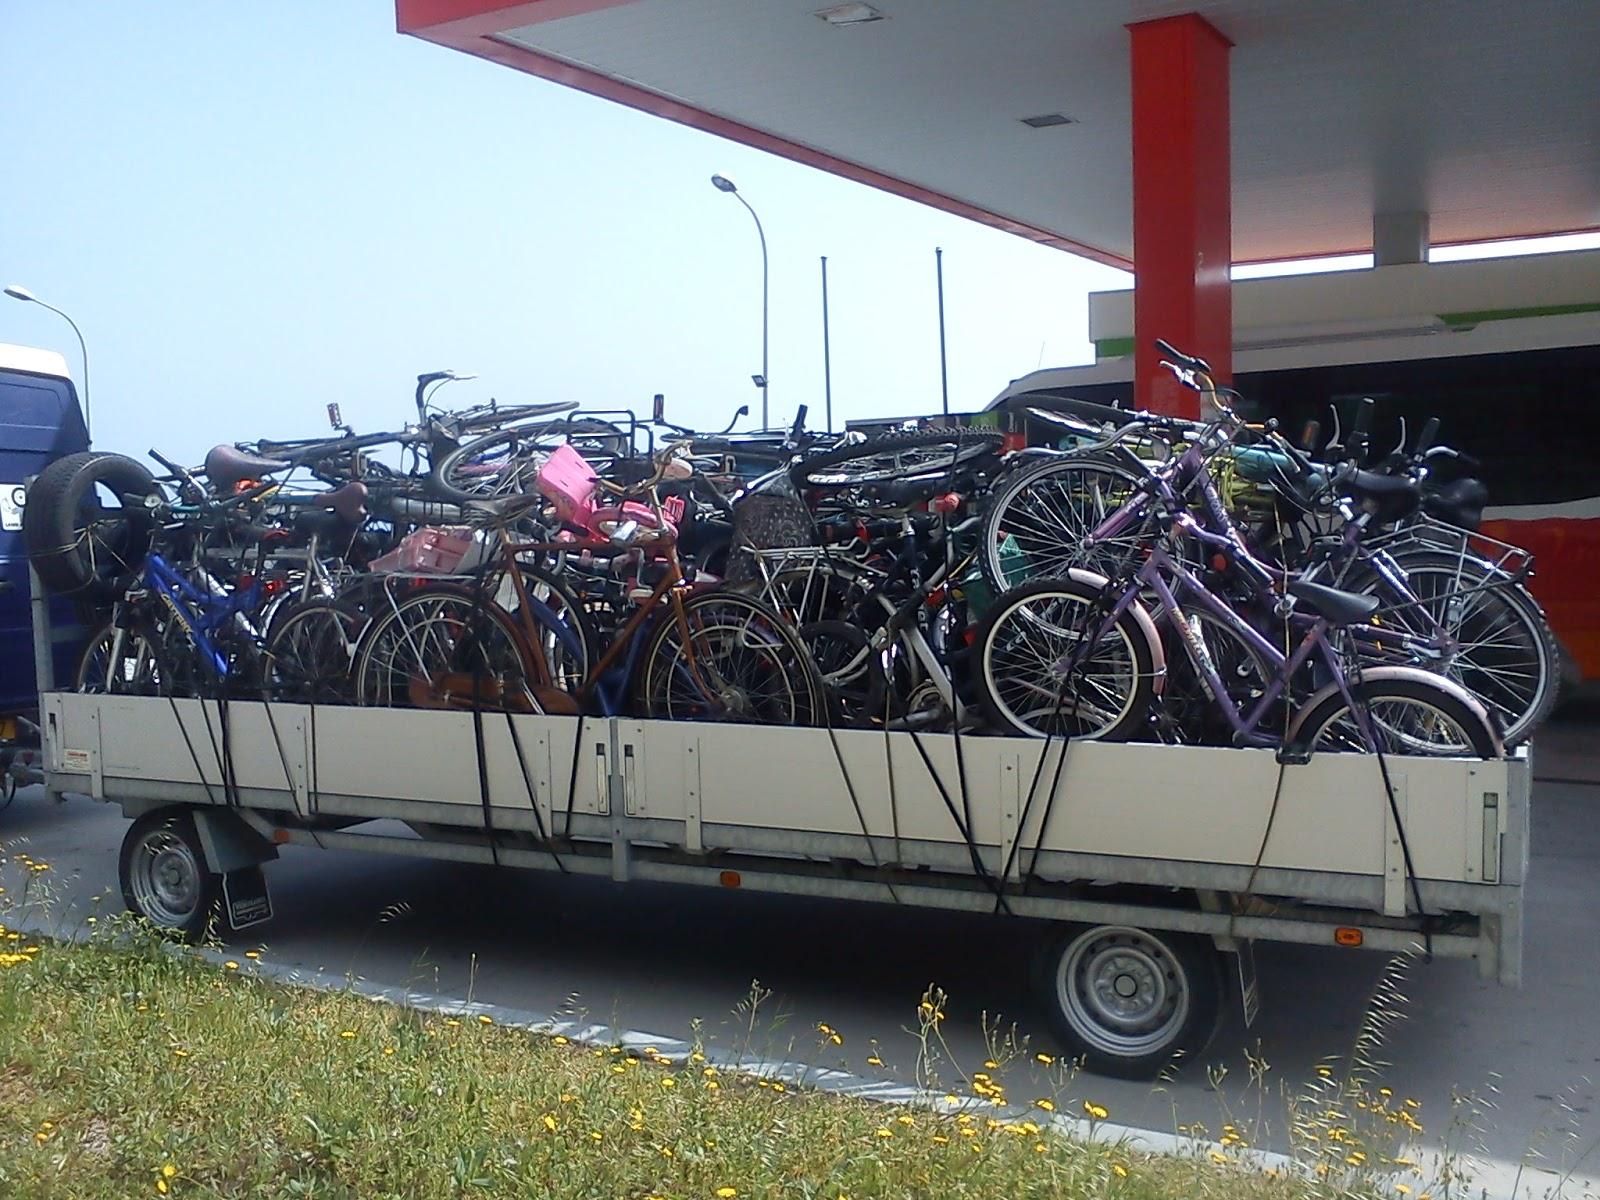 d25d017219c ... rongiga ning ratta sinna kaasa võtta. Organiseerime transporti ka ise  või aitame oma kliente nende ratastega. Panime lühidalt kirja, et mis ja  kuidas!